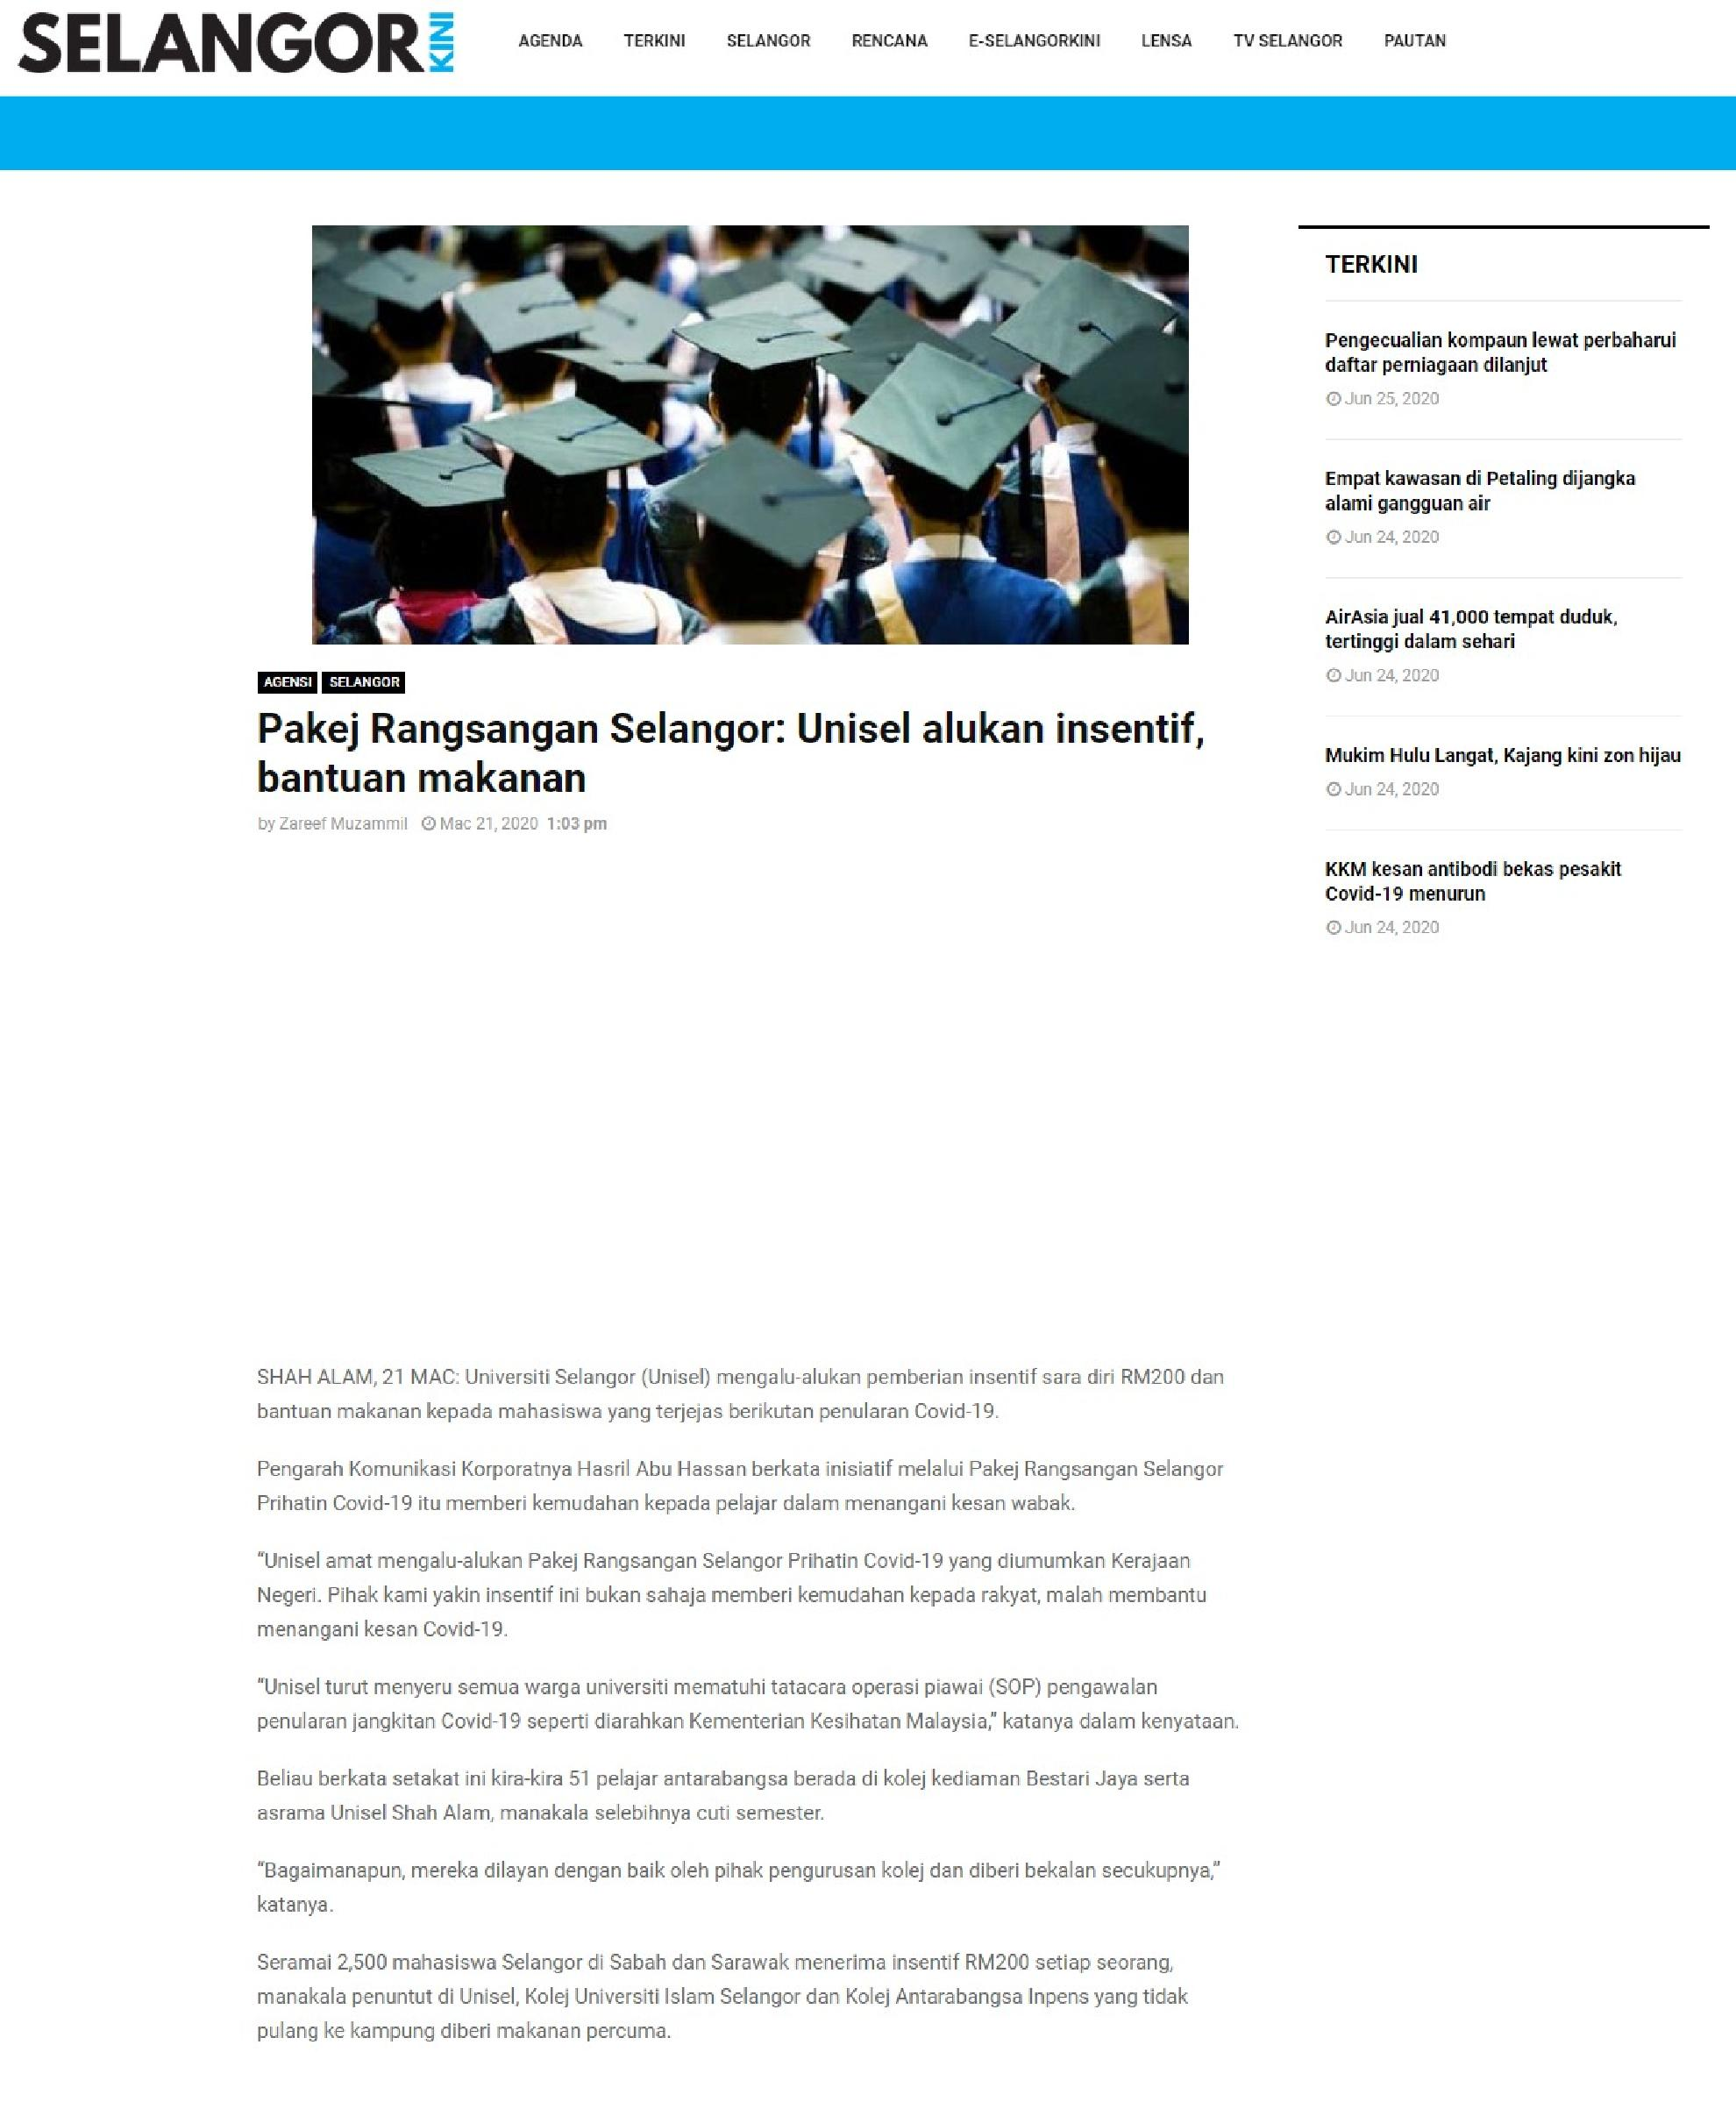 Selangorkini 21 Mac 2020